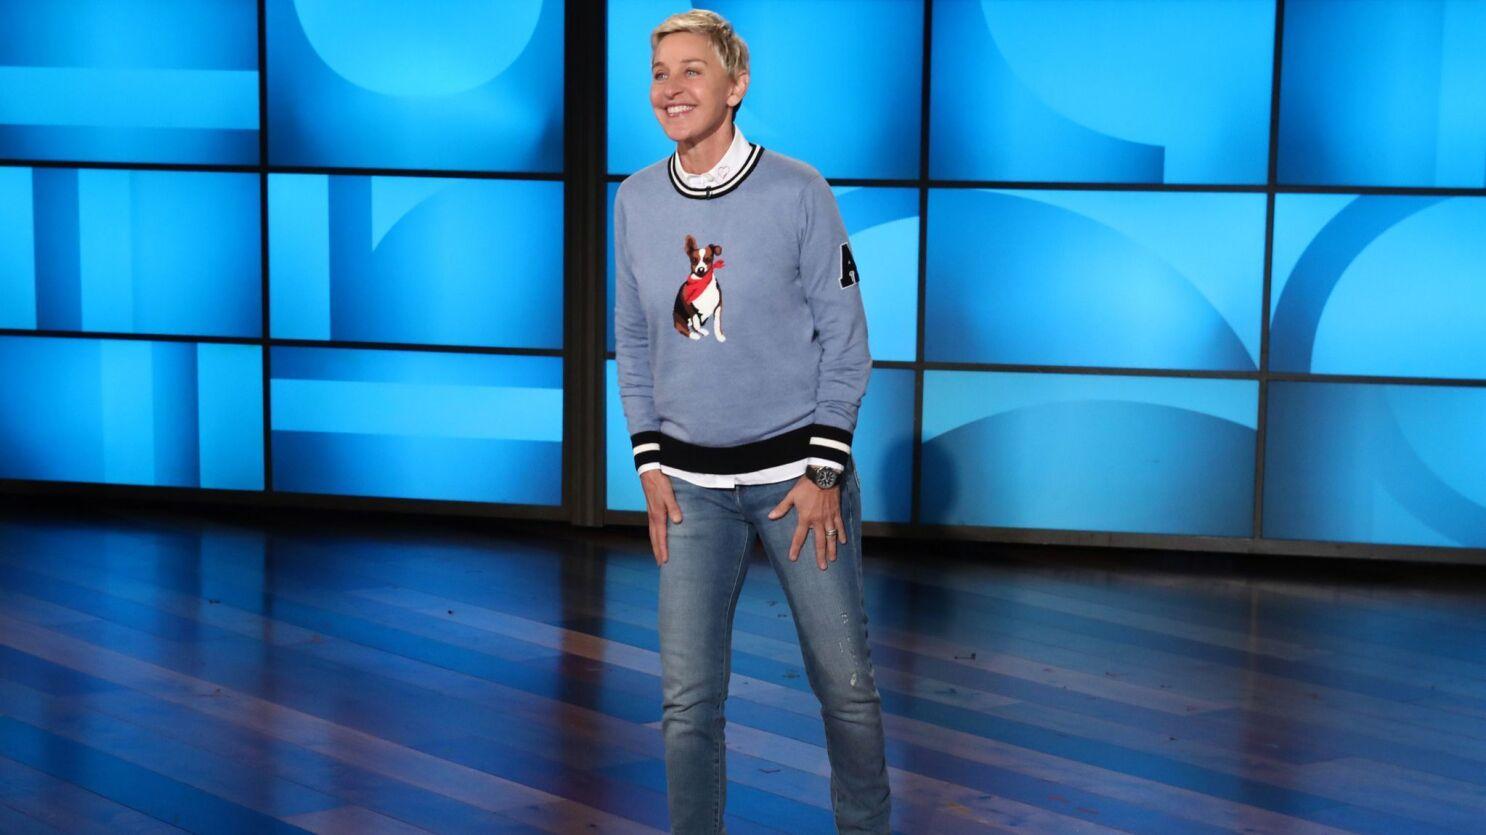 Ellen vegane Dating-Show